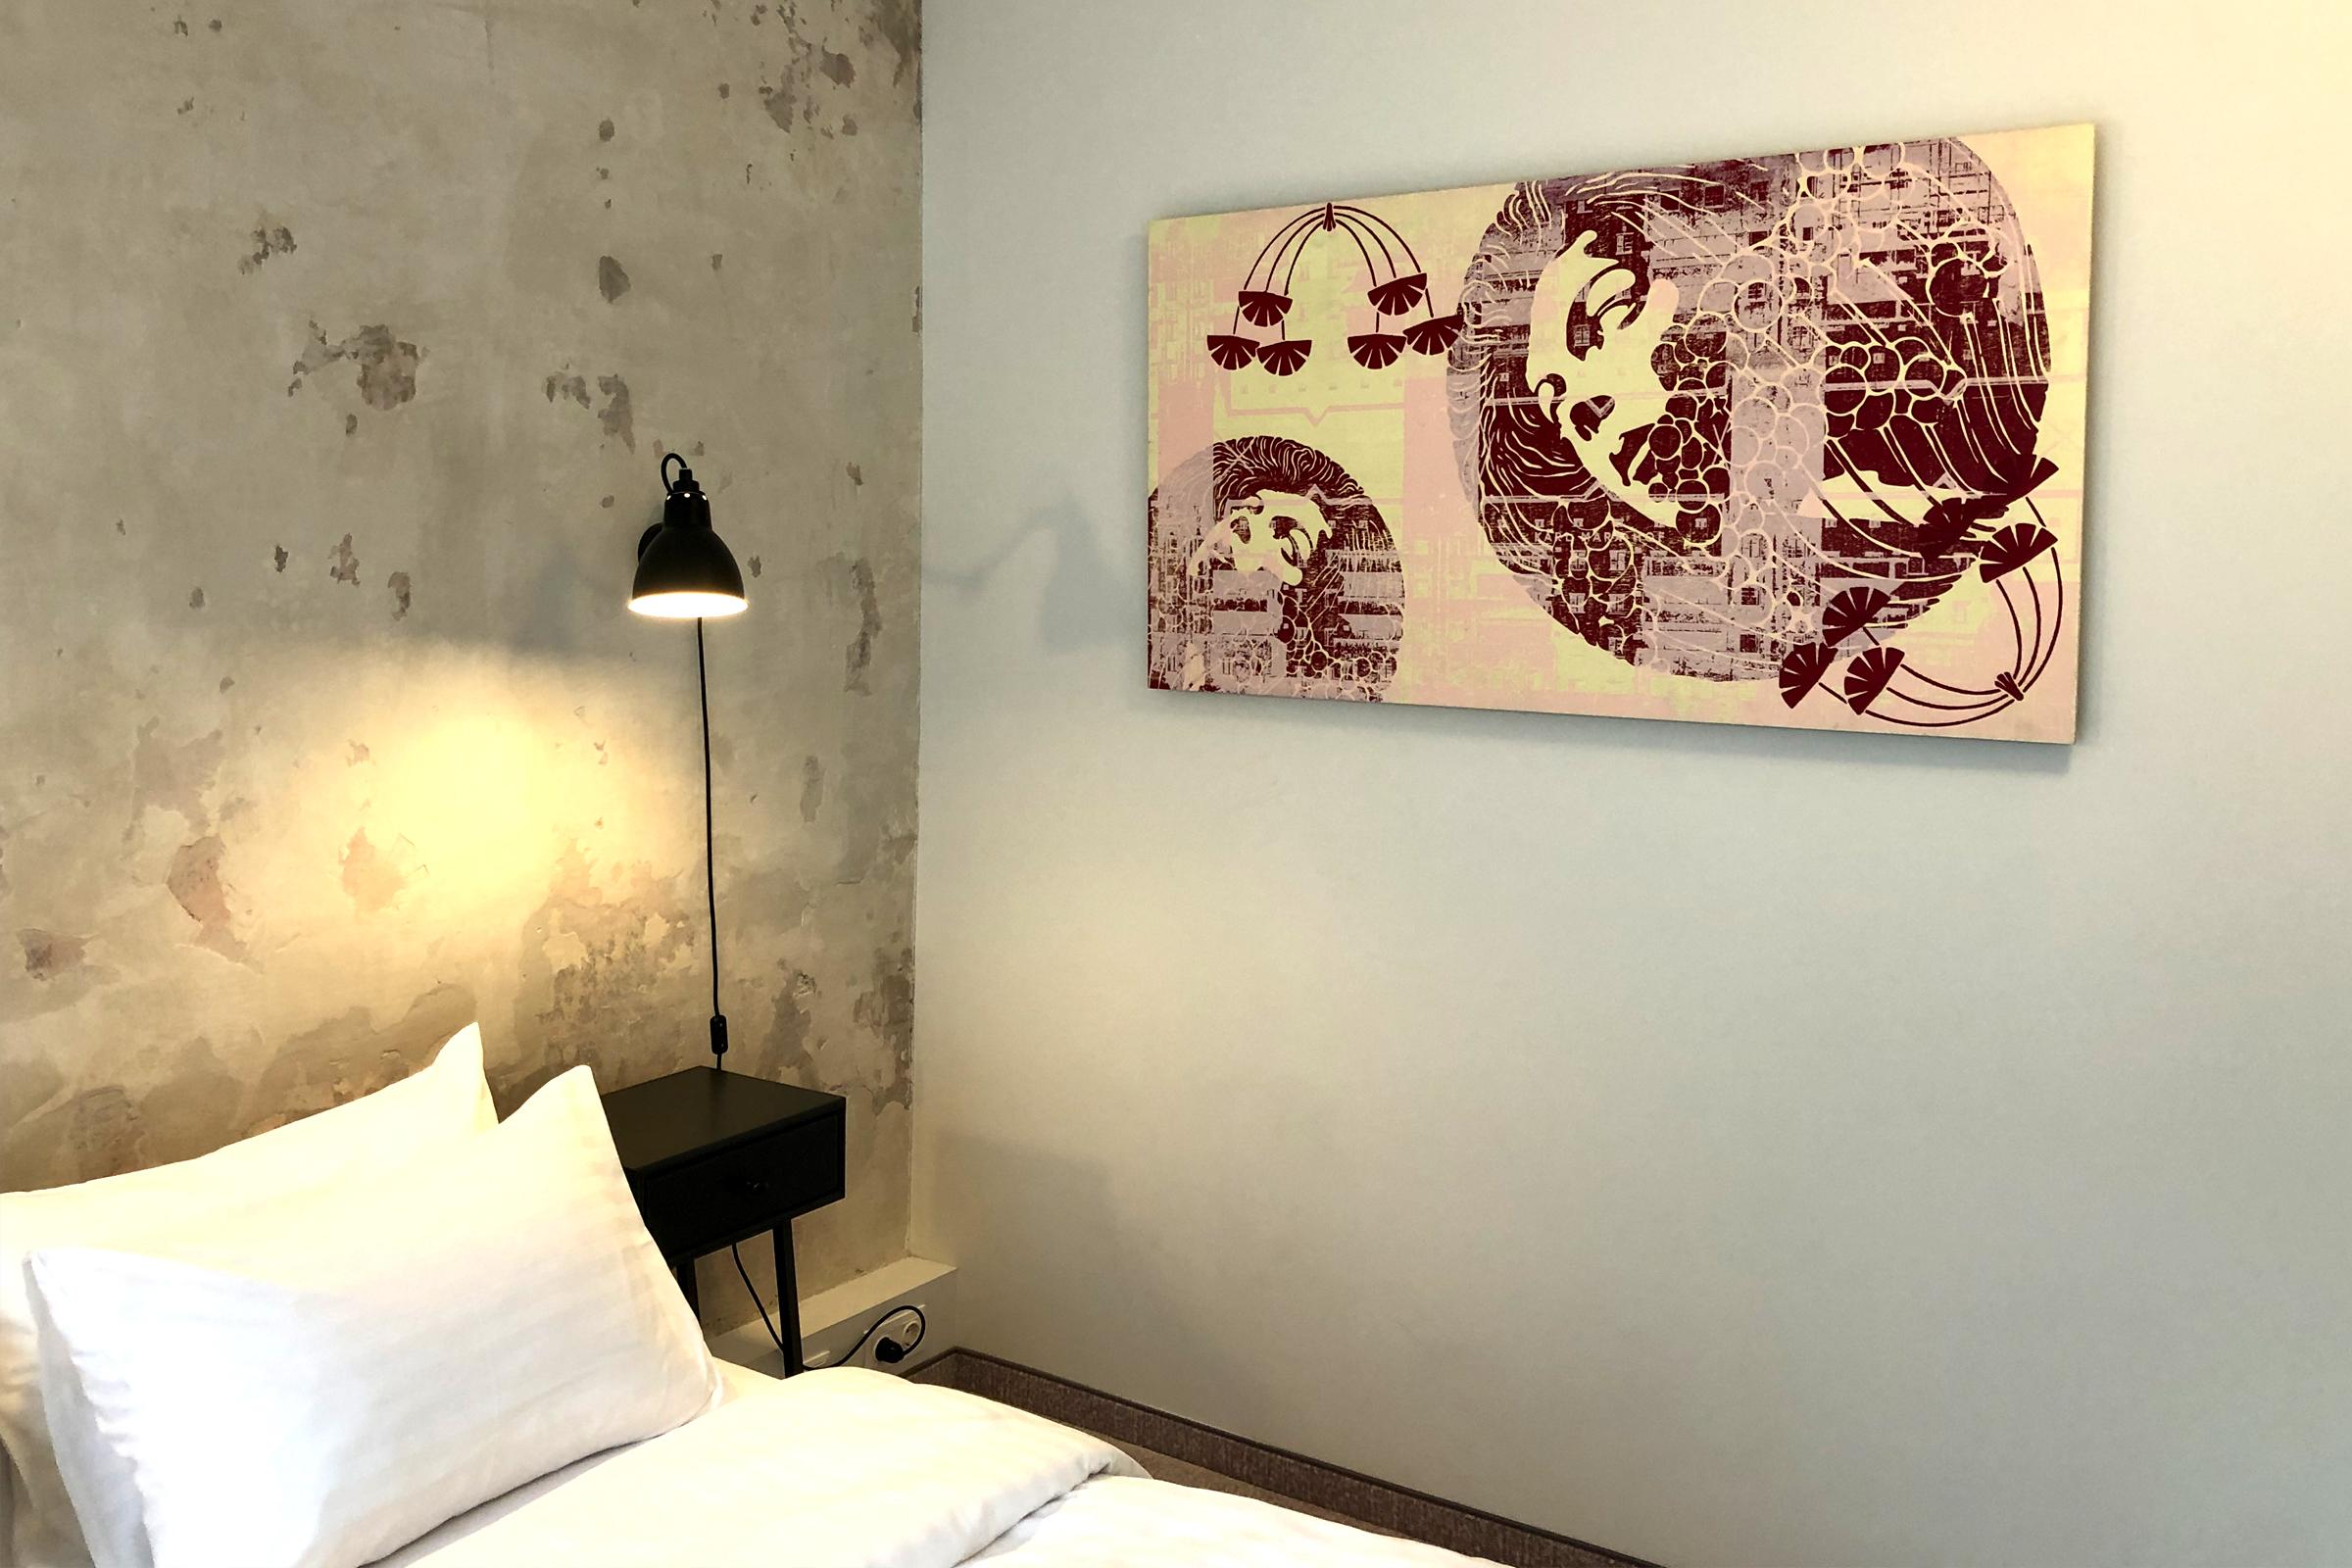 Hotel Babula Artworks I Vienna I 2020